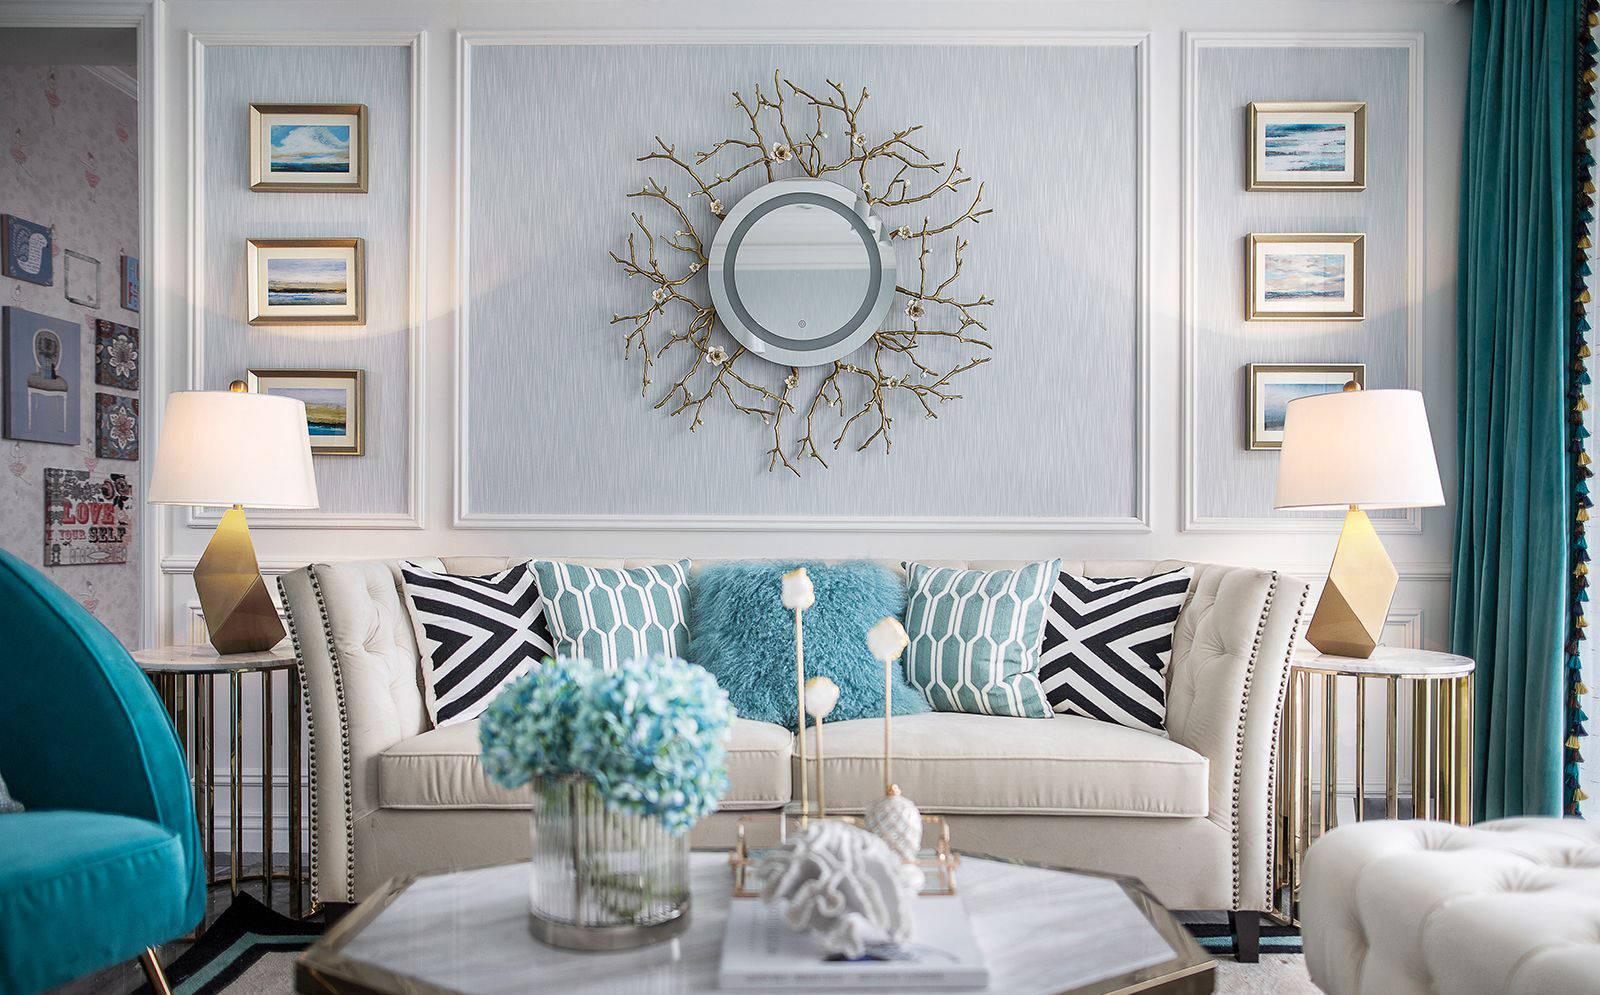 简欧风格,蓝白色高雅格调的精致住宅